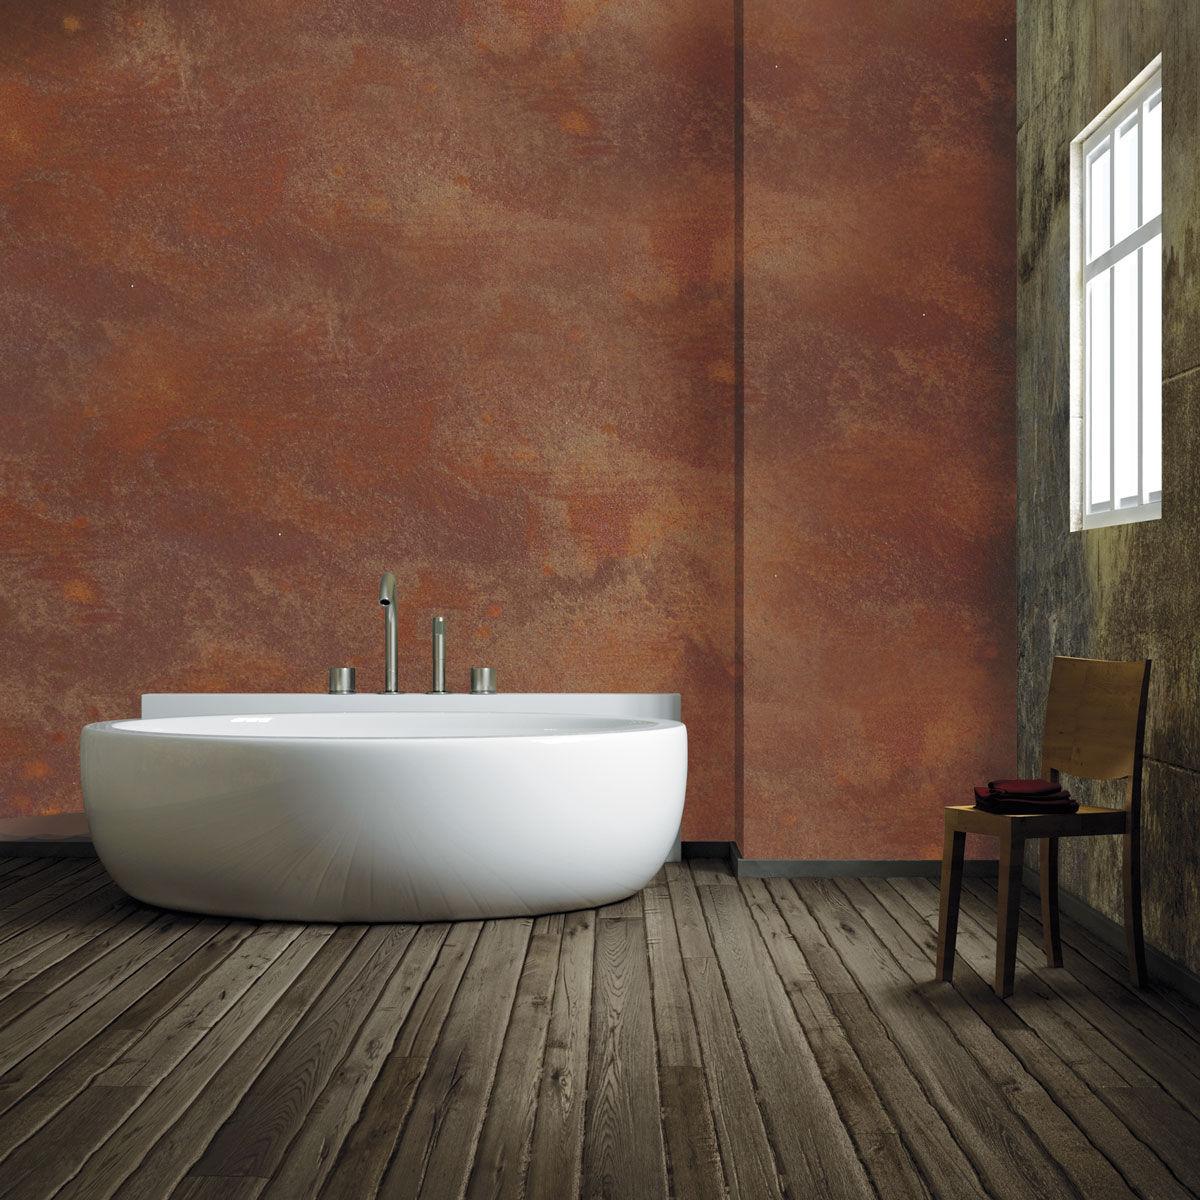 Peindre Mur Pierre Exterieur peinture décorative / pour mur / pour bois / pour métal oxydecor® isoplam  srl